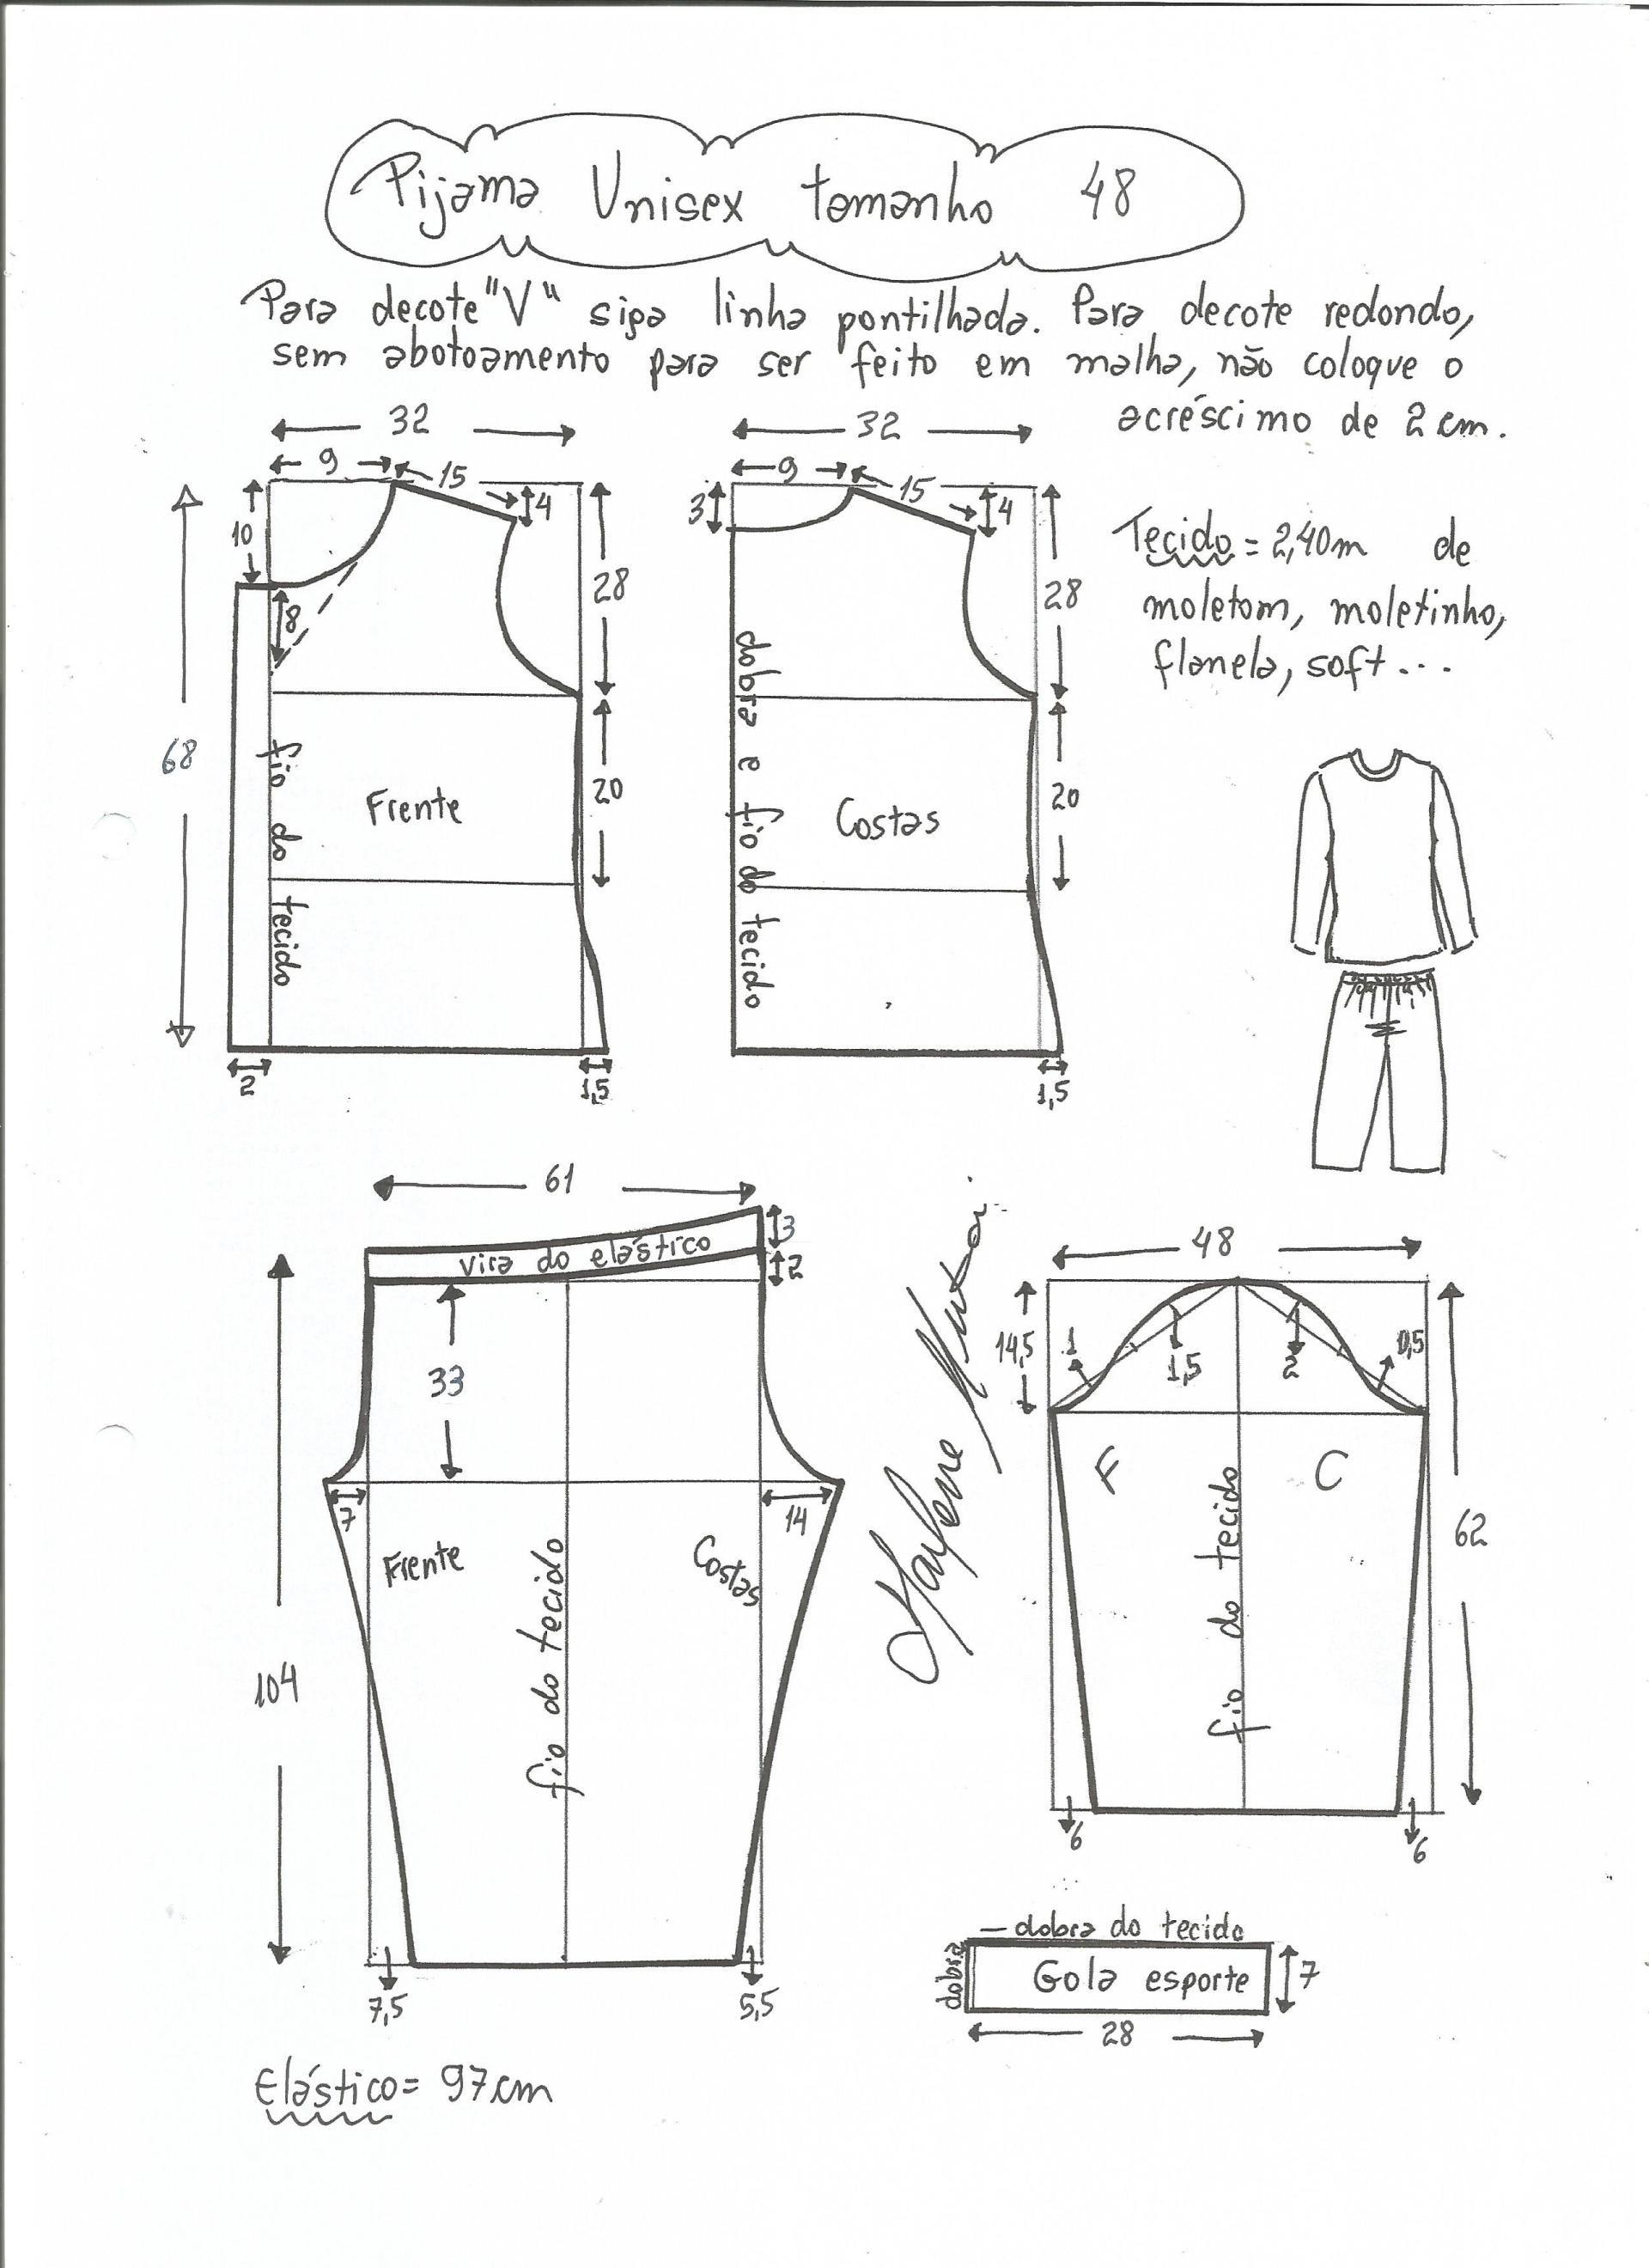 bf64d9235 Patrón para hacer un pijama unisex, osea que sirve tanto para hombre como  para mujer. Para hacer el pijama se puede utilizar tanto algodón como  franela o ...